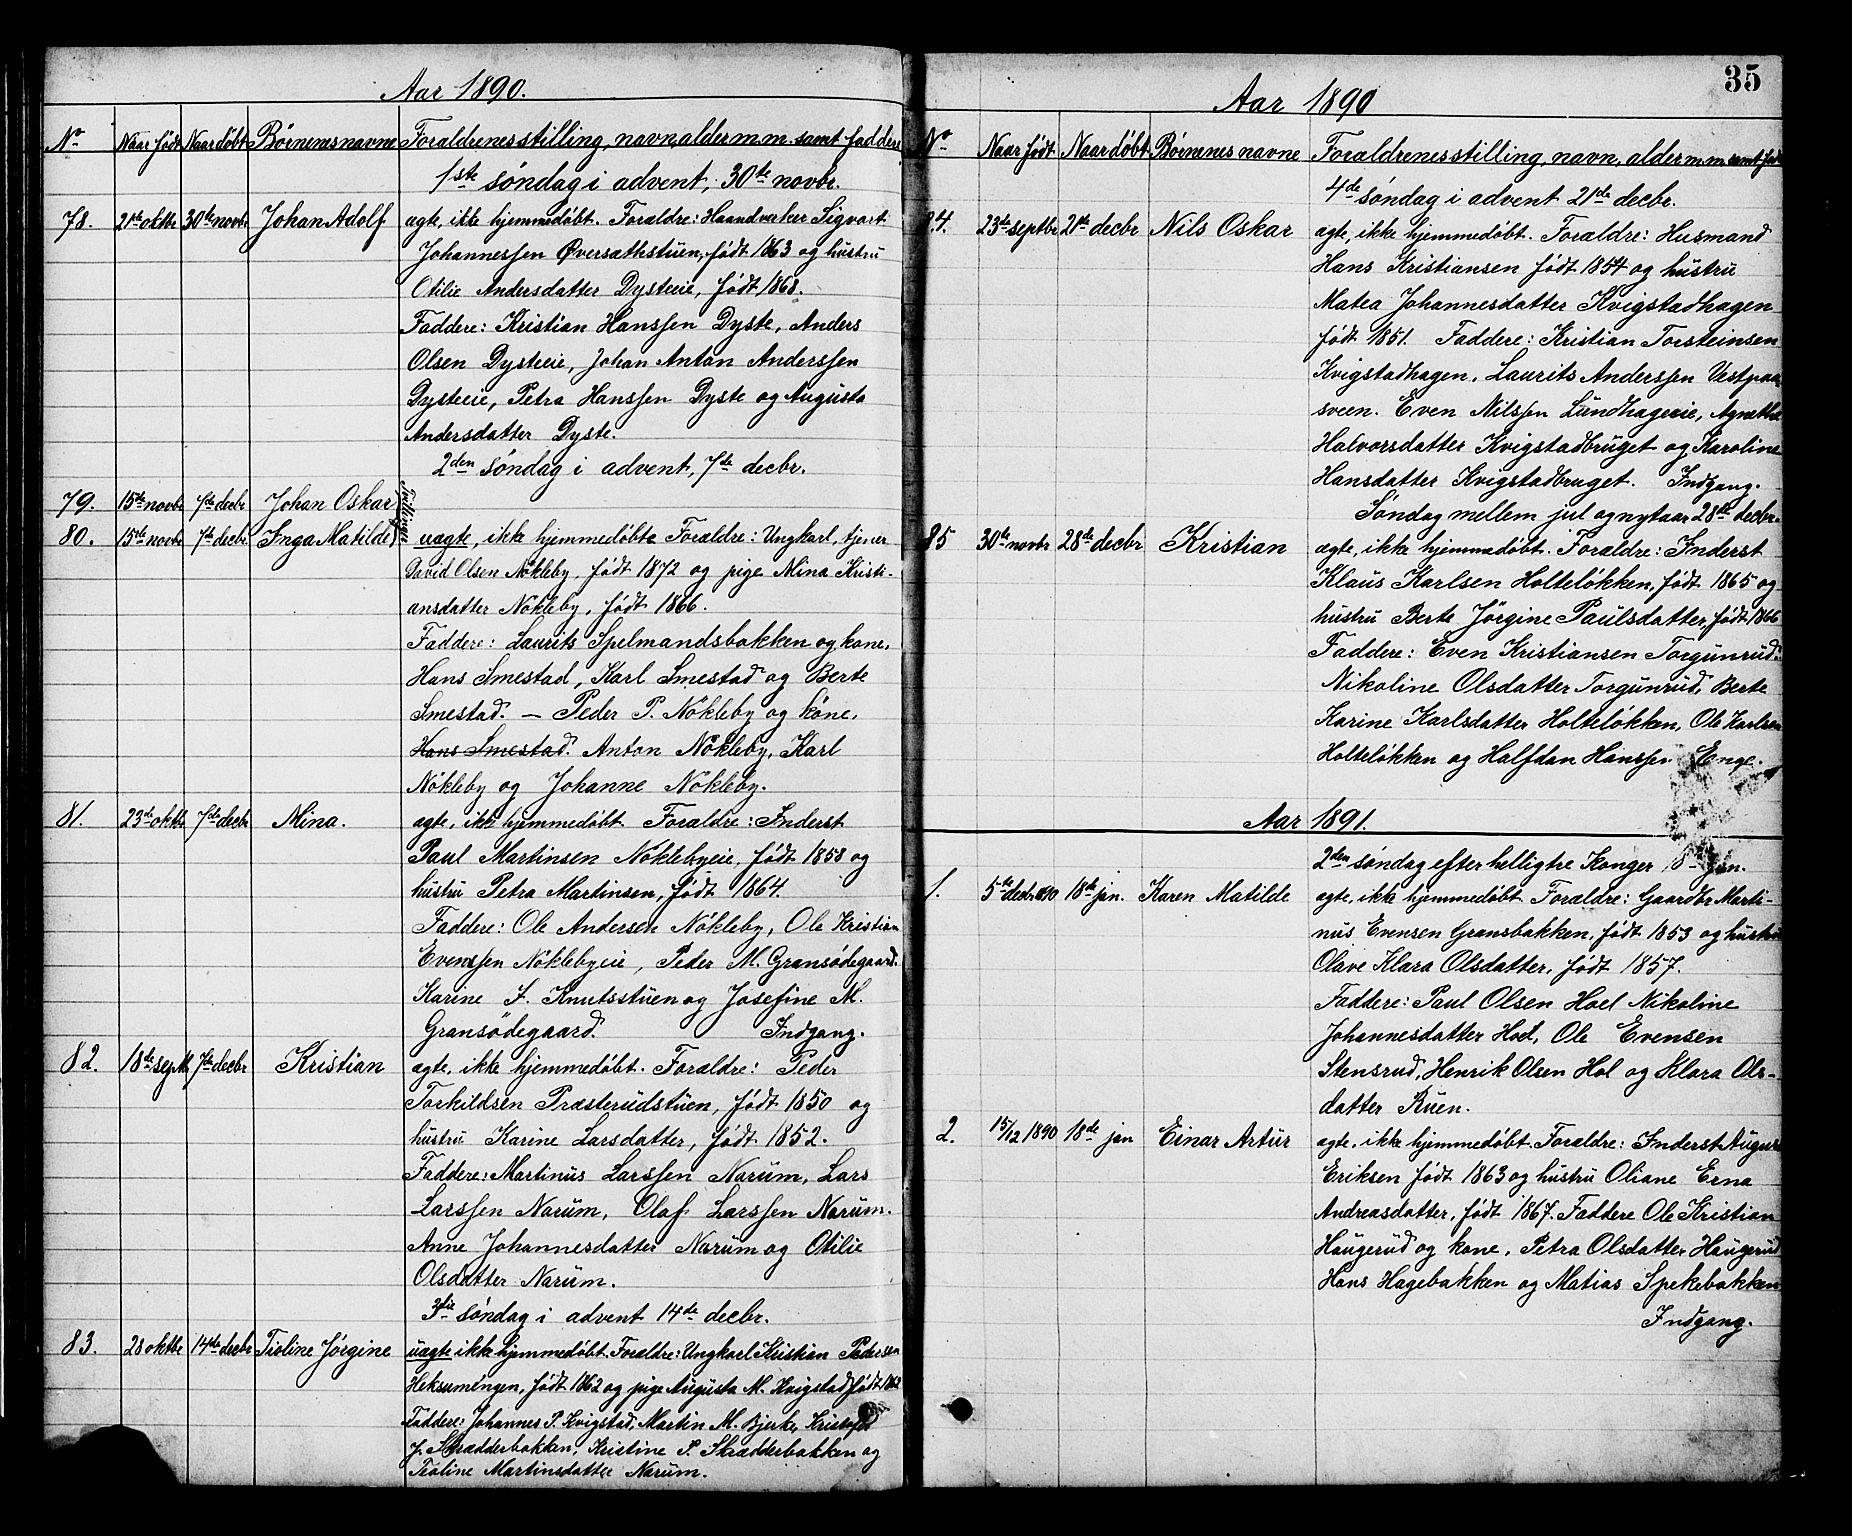 SAH, Vestre Toten prestekontor, H/Ha/Hab/L0008: Klokkerbok nr. 8, 1885-1900, s. 35